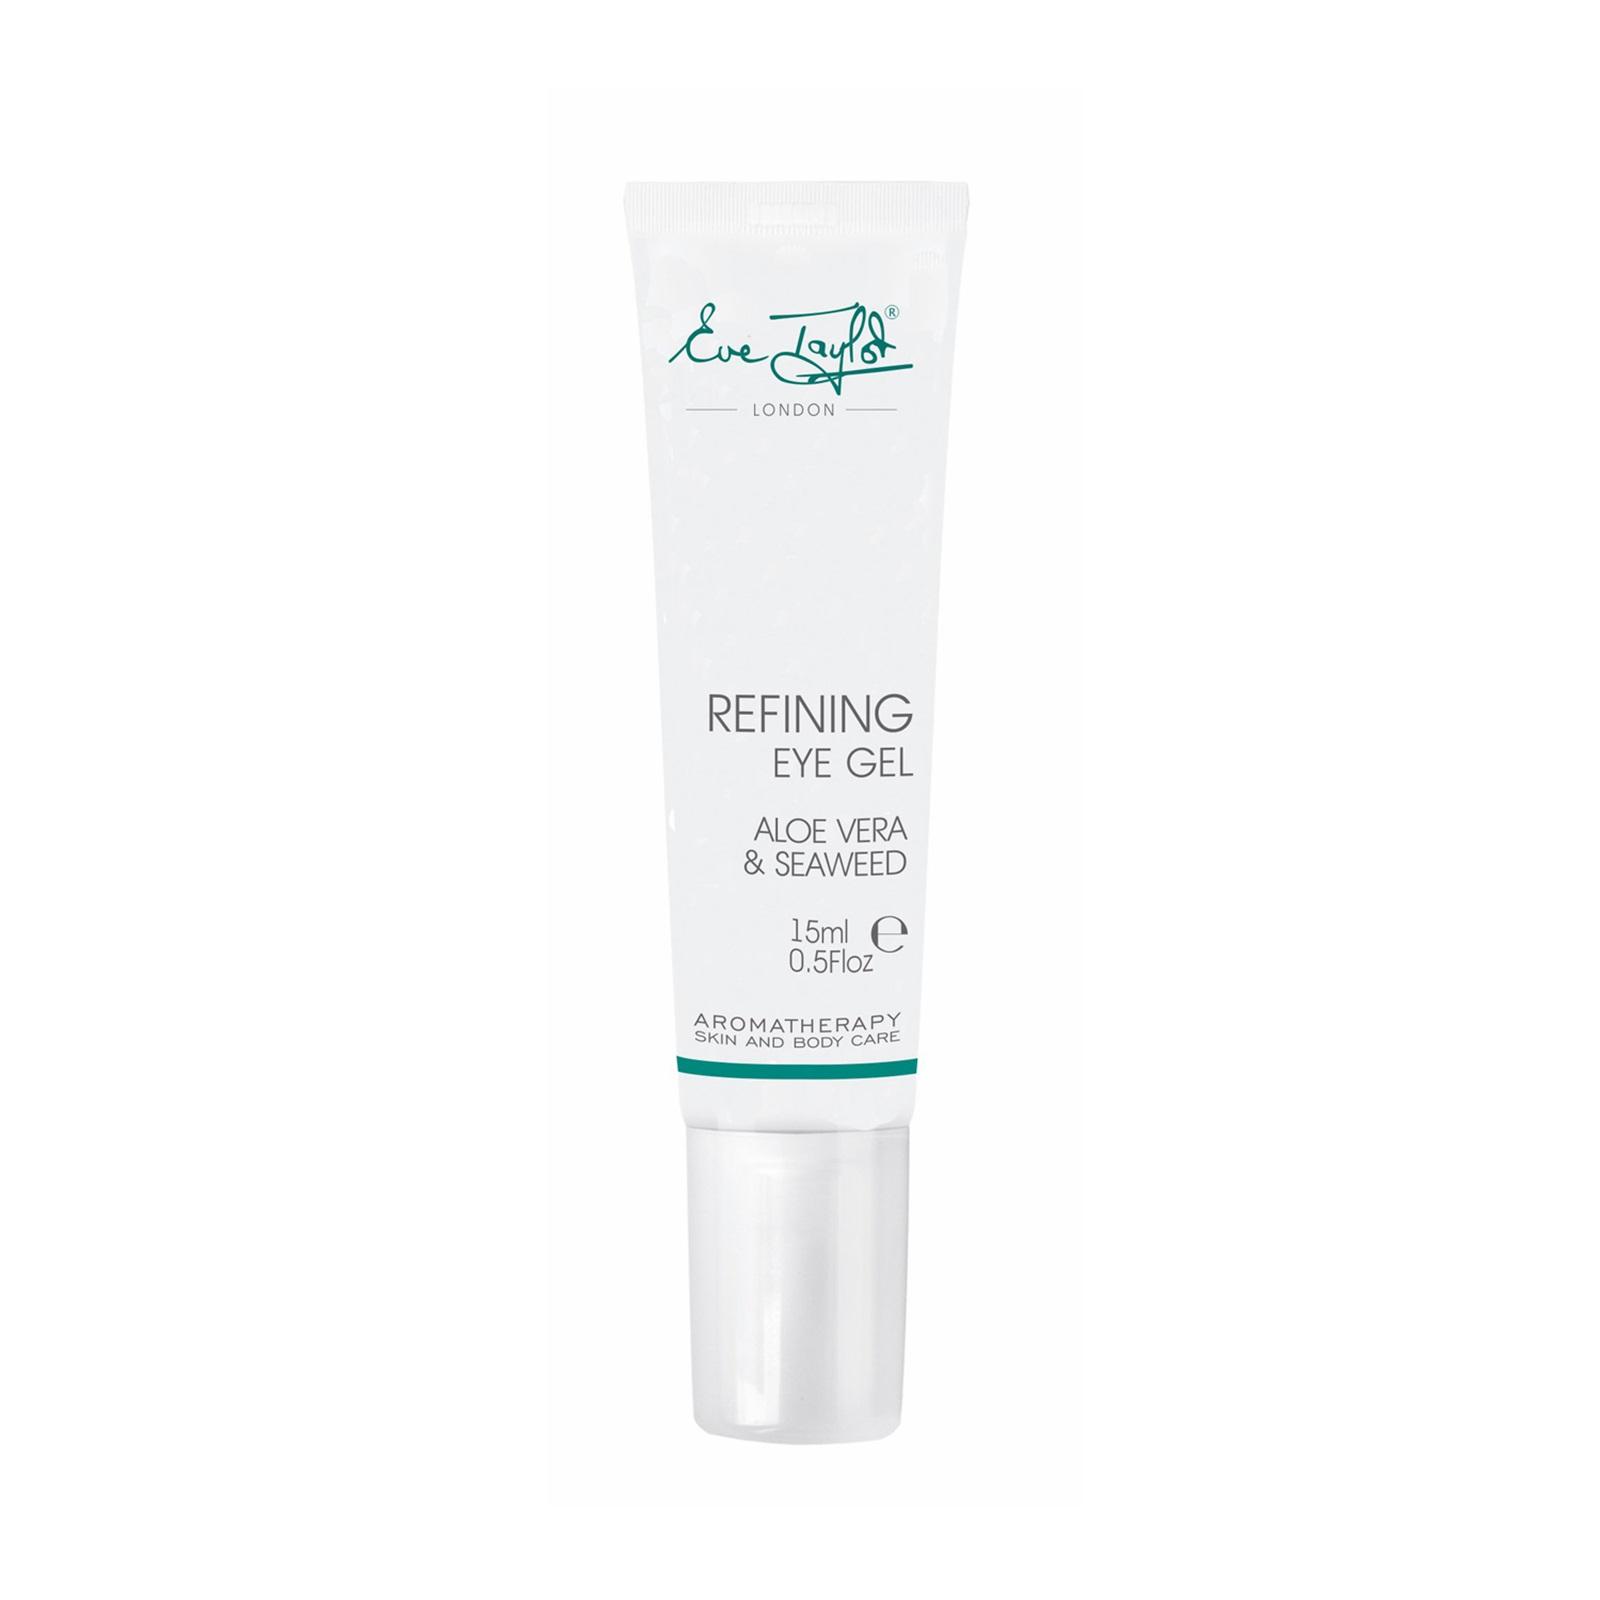 refining_eye_gel_15ml_new_packaging